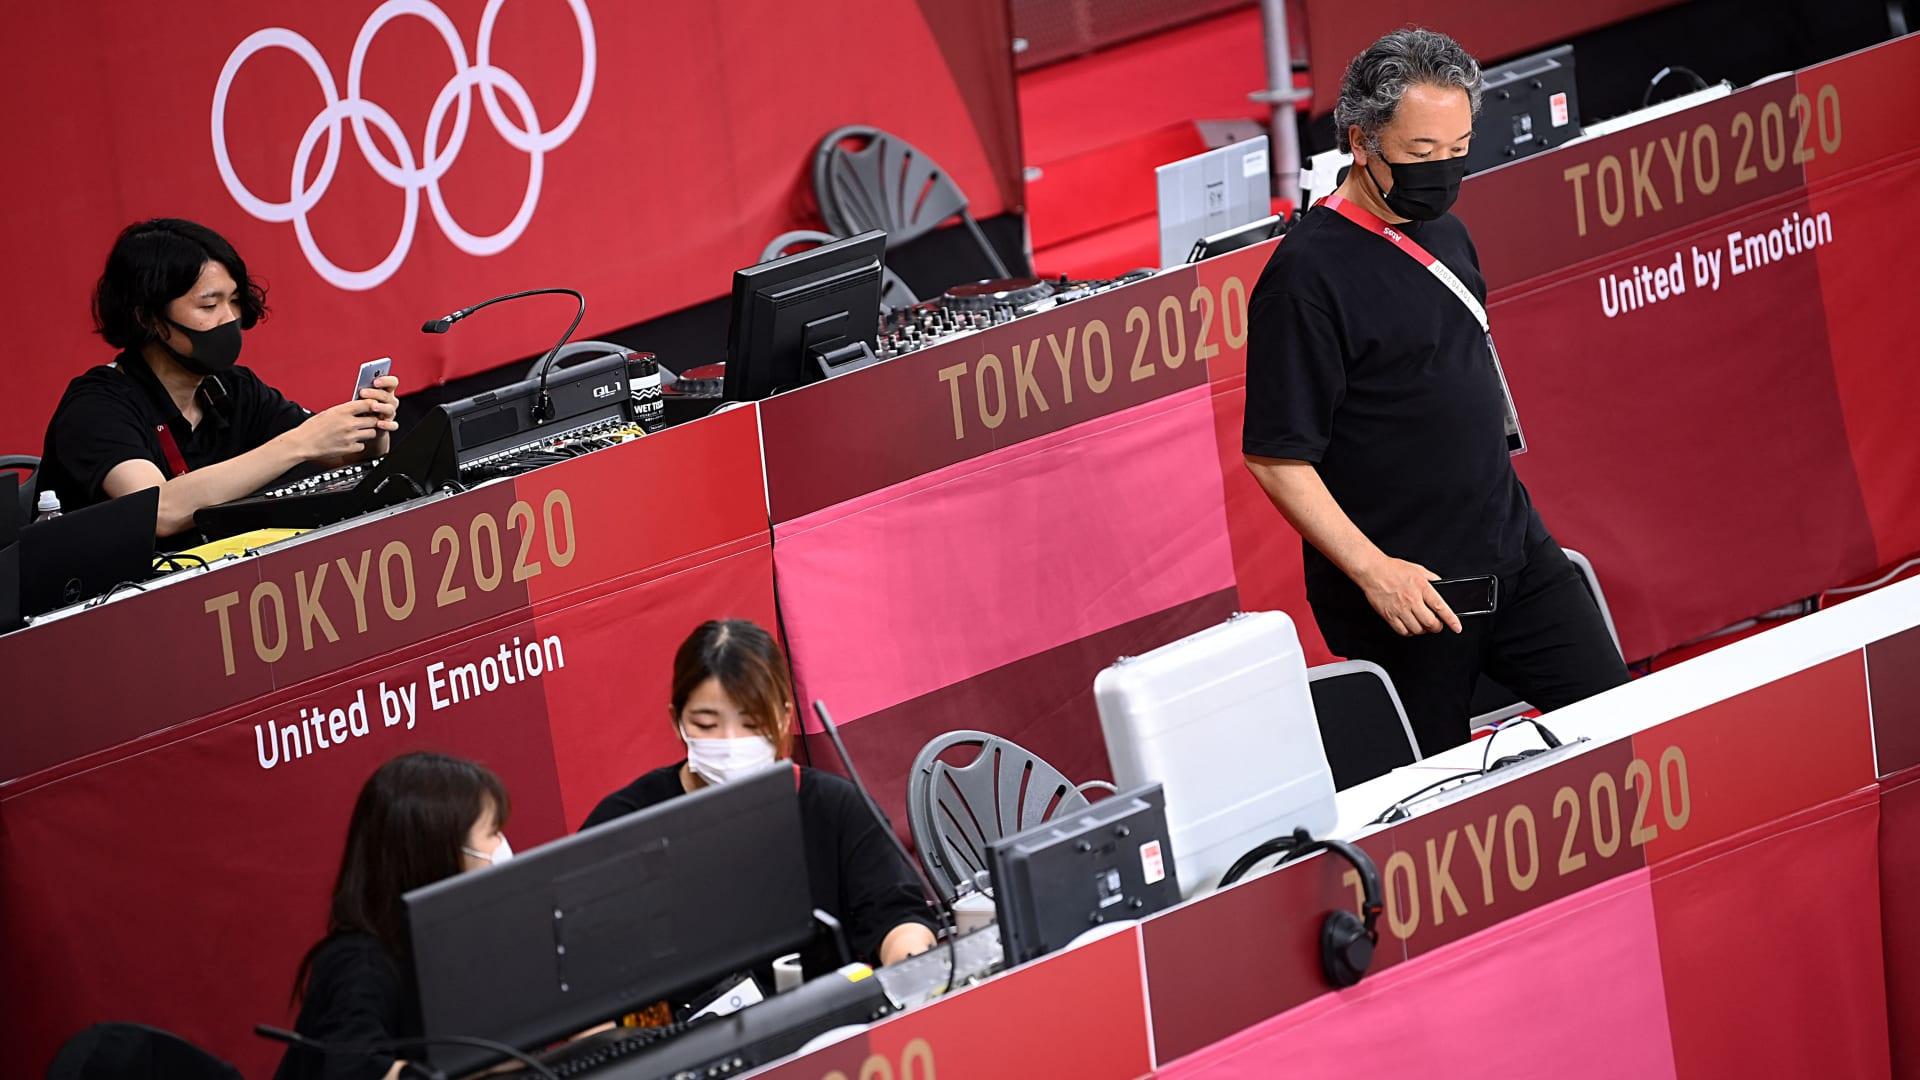 عمل القضاة والمتطوعون والفنيون داخل ملعب نيبون بودوكان لأحداث الجودو والكاراتيه - دورة الألعاب الأولمبية في طوكيو 2020